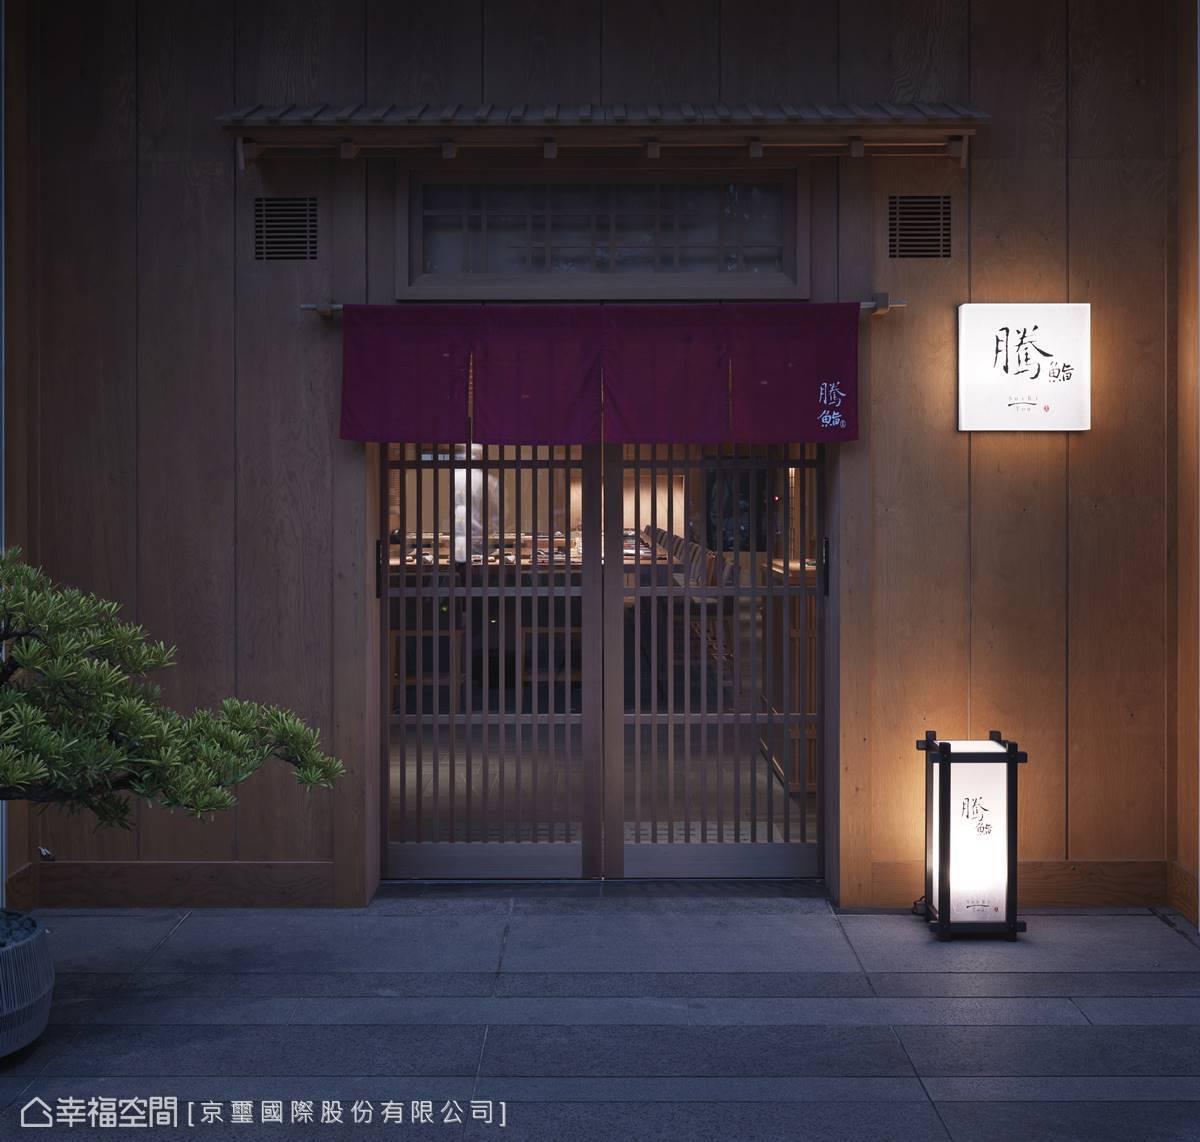 外觀承襲日本江戶時代的建築風格,搭配紅色棉平織的暖簾、細緻格子門與窗形塑淡雅懷舊的視覺印象。